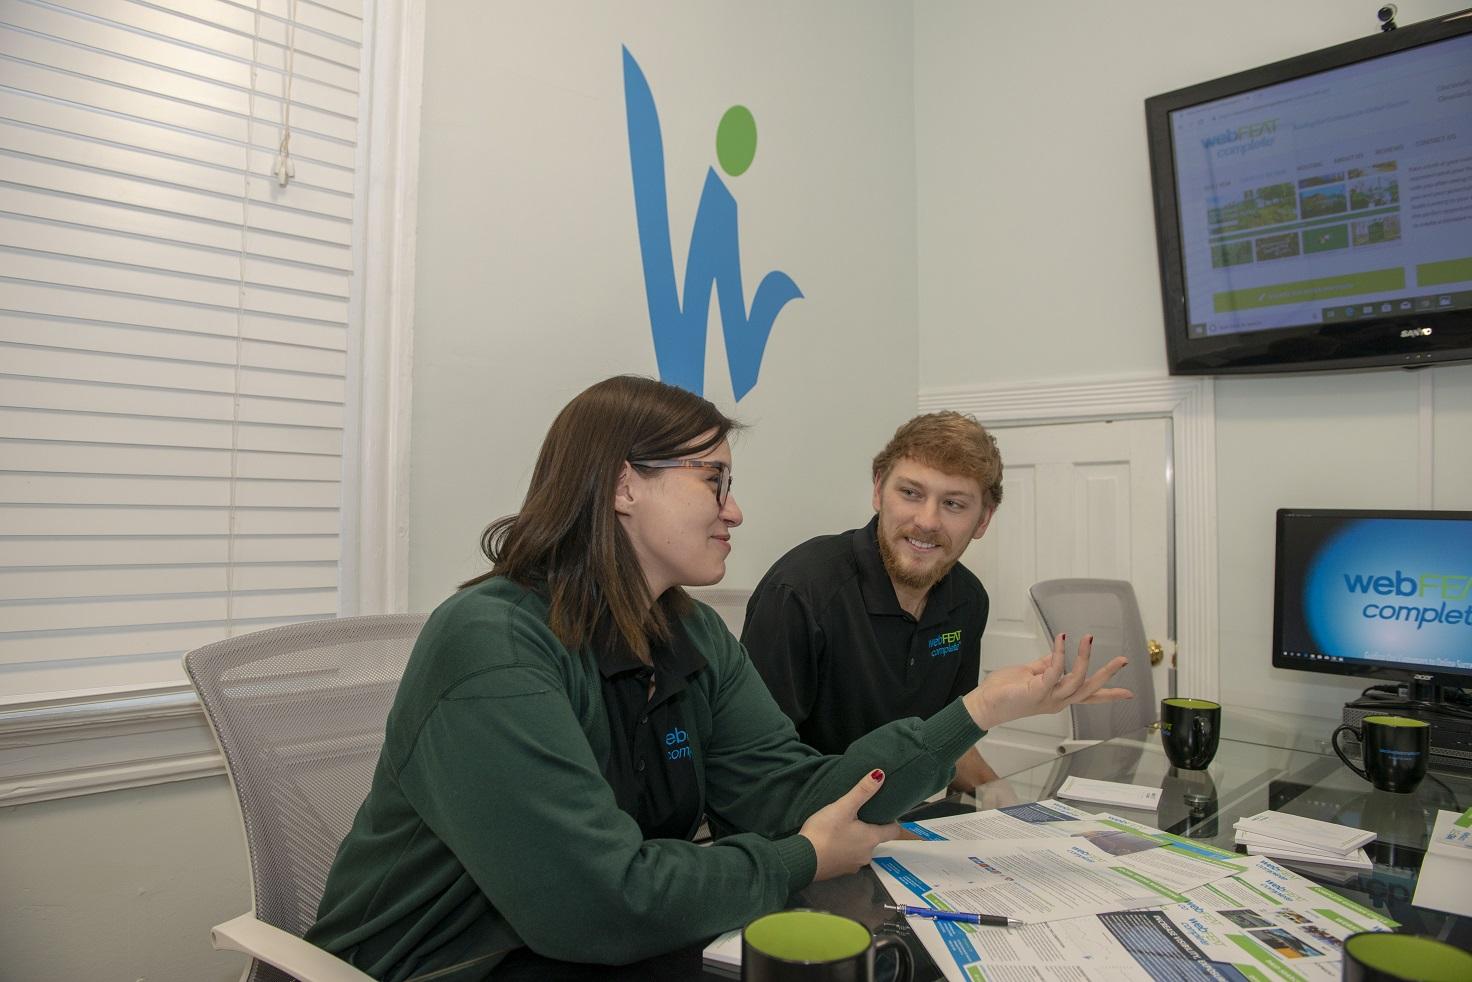 webfeat employees